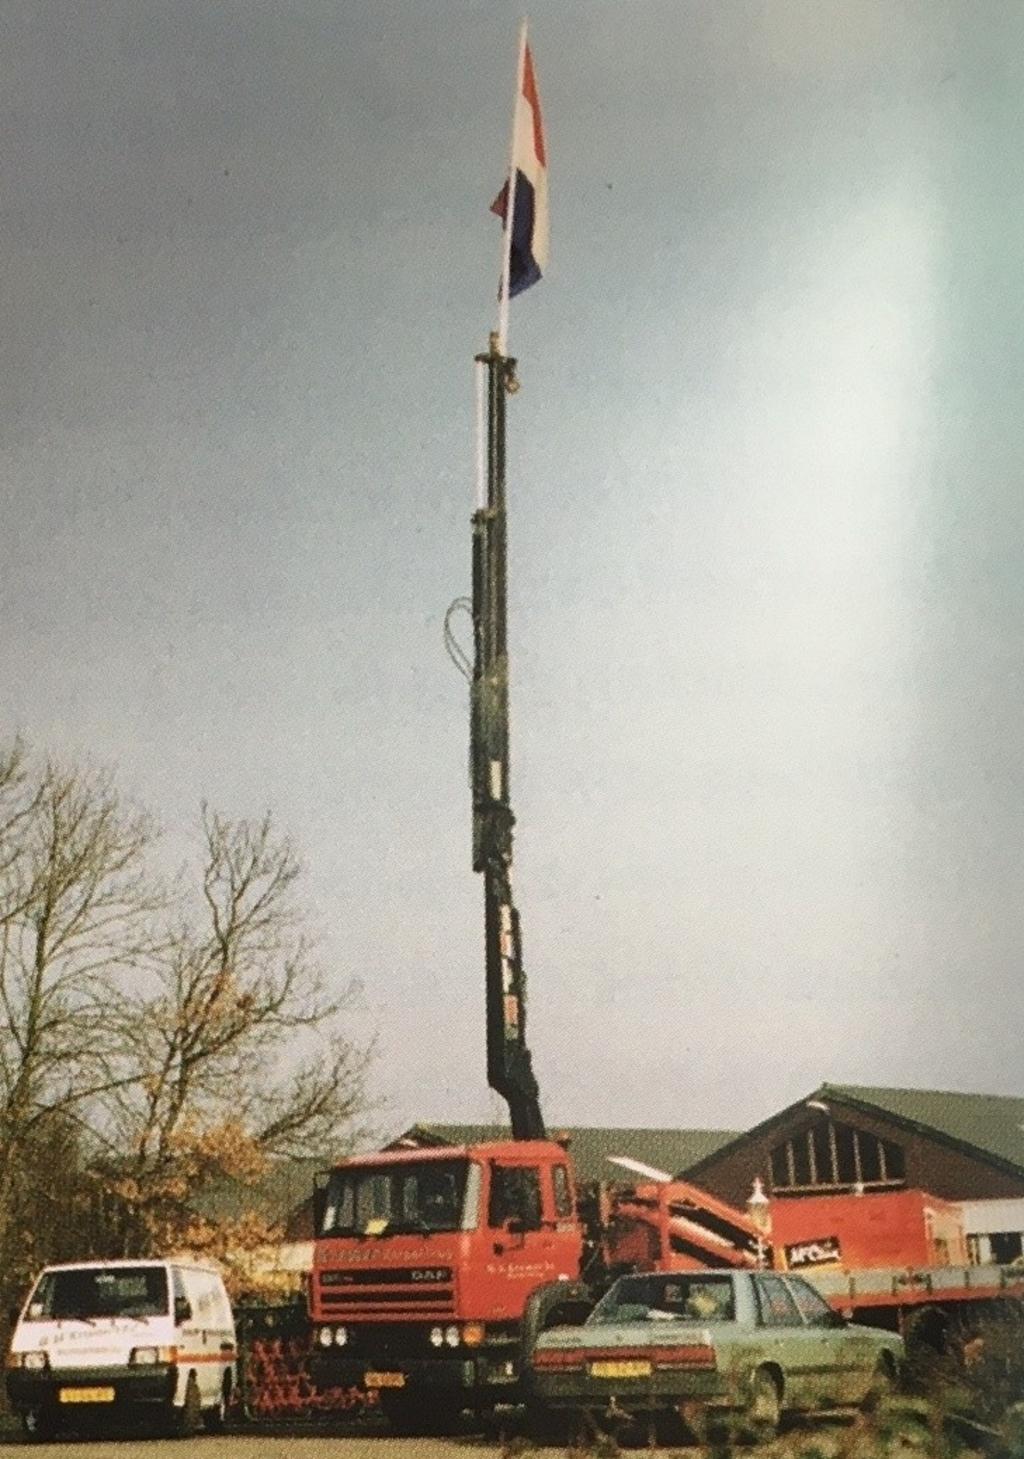 <p>Veel grote machines op het terrein van Kramer Trekkers in Burgerbrug.</p> (Foto: aangeleverd) © rodi